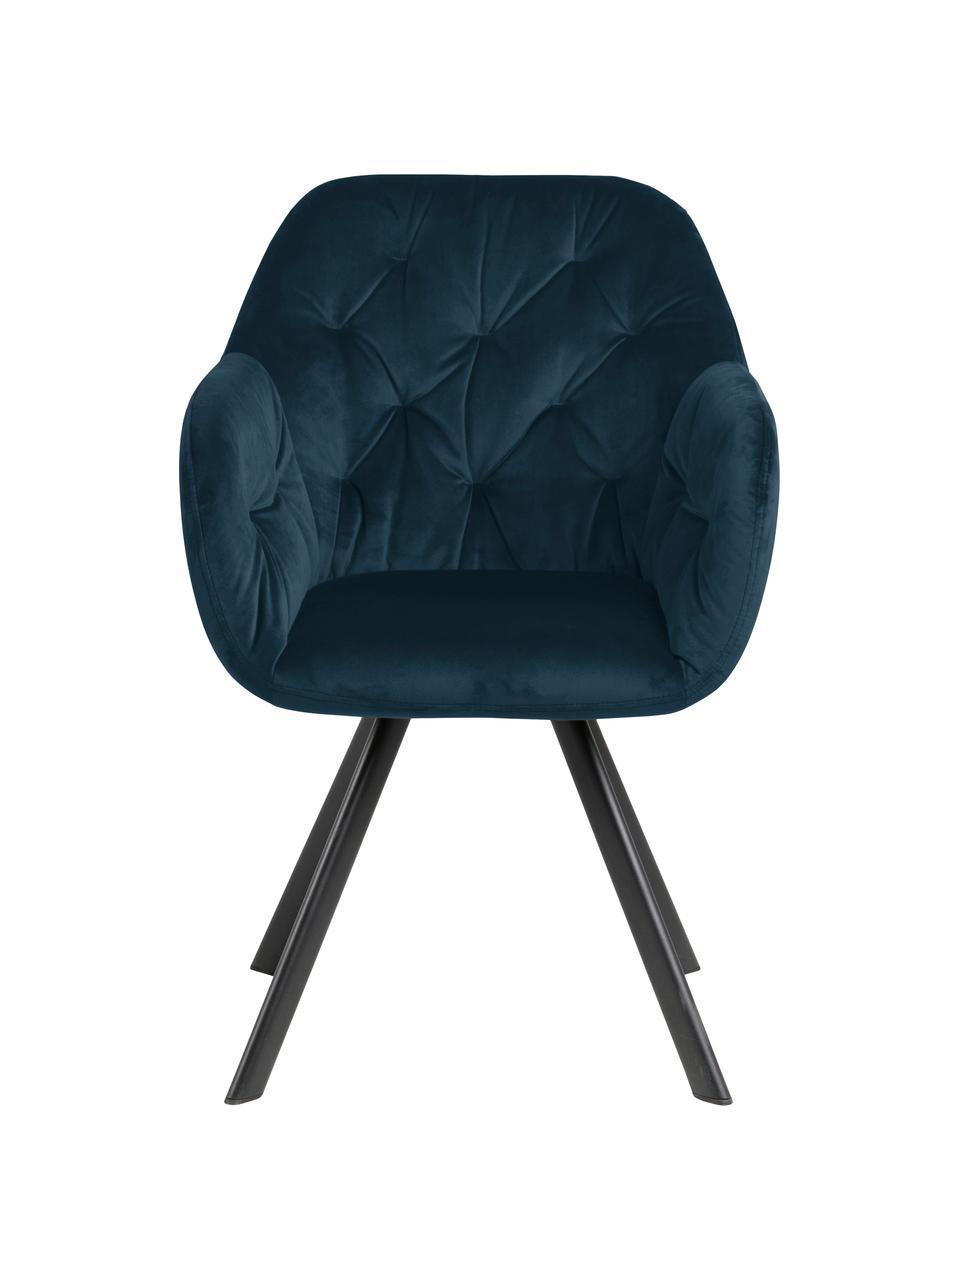 Krzesło z podłokietnikami z aksamitu Lucie, obrotowe, Tapicerka: aksamit poliestrowy Dzięk, Nogi: metal malowany proszkowo, Aksamitny ciemny niebieski, czarny, S 58 x G 62 cm